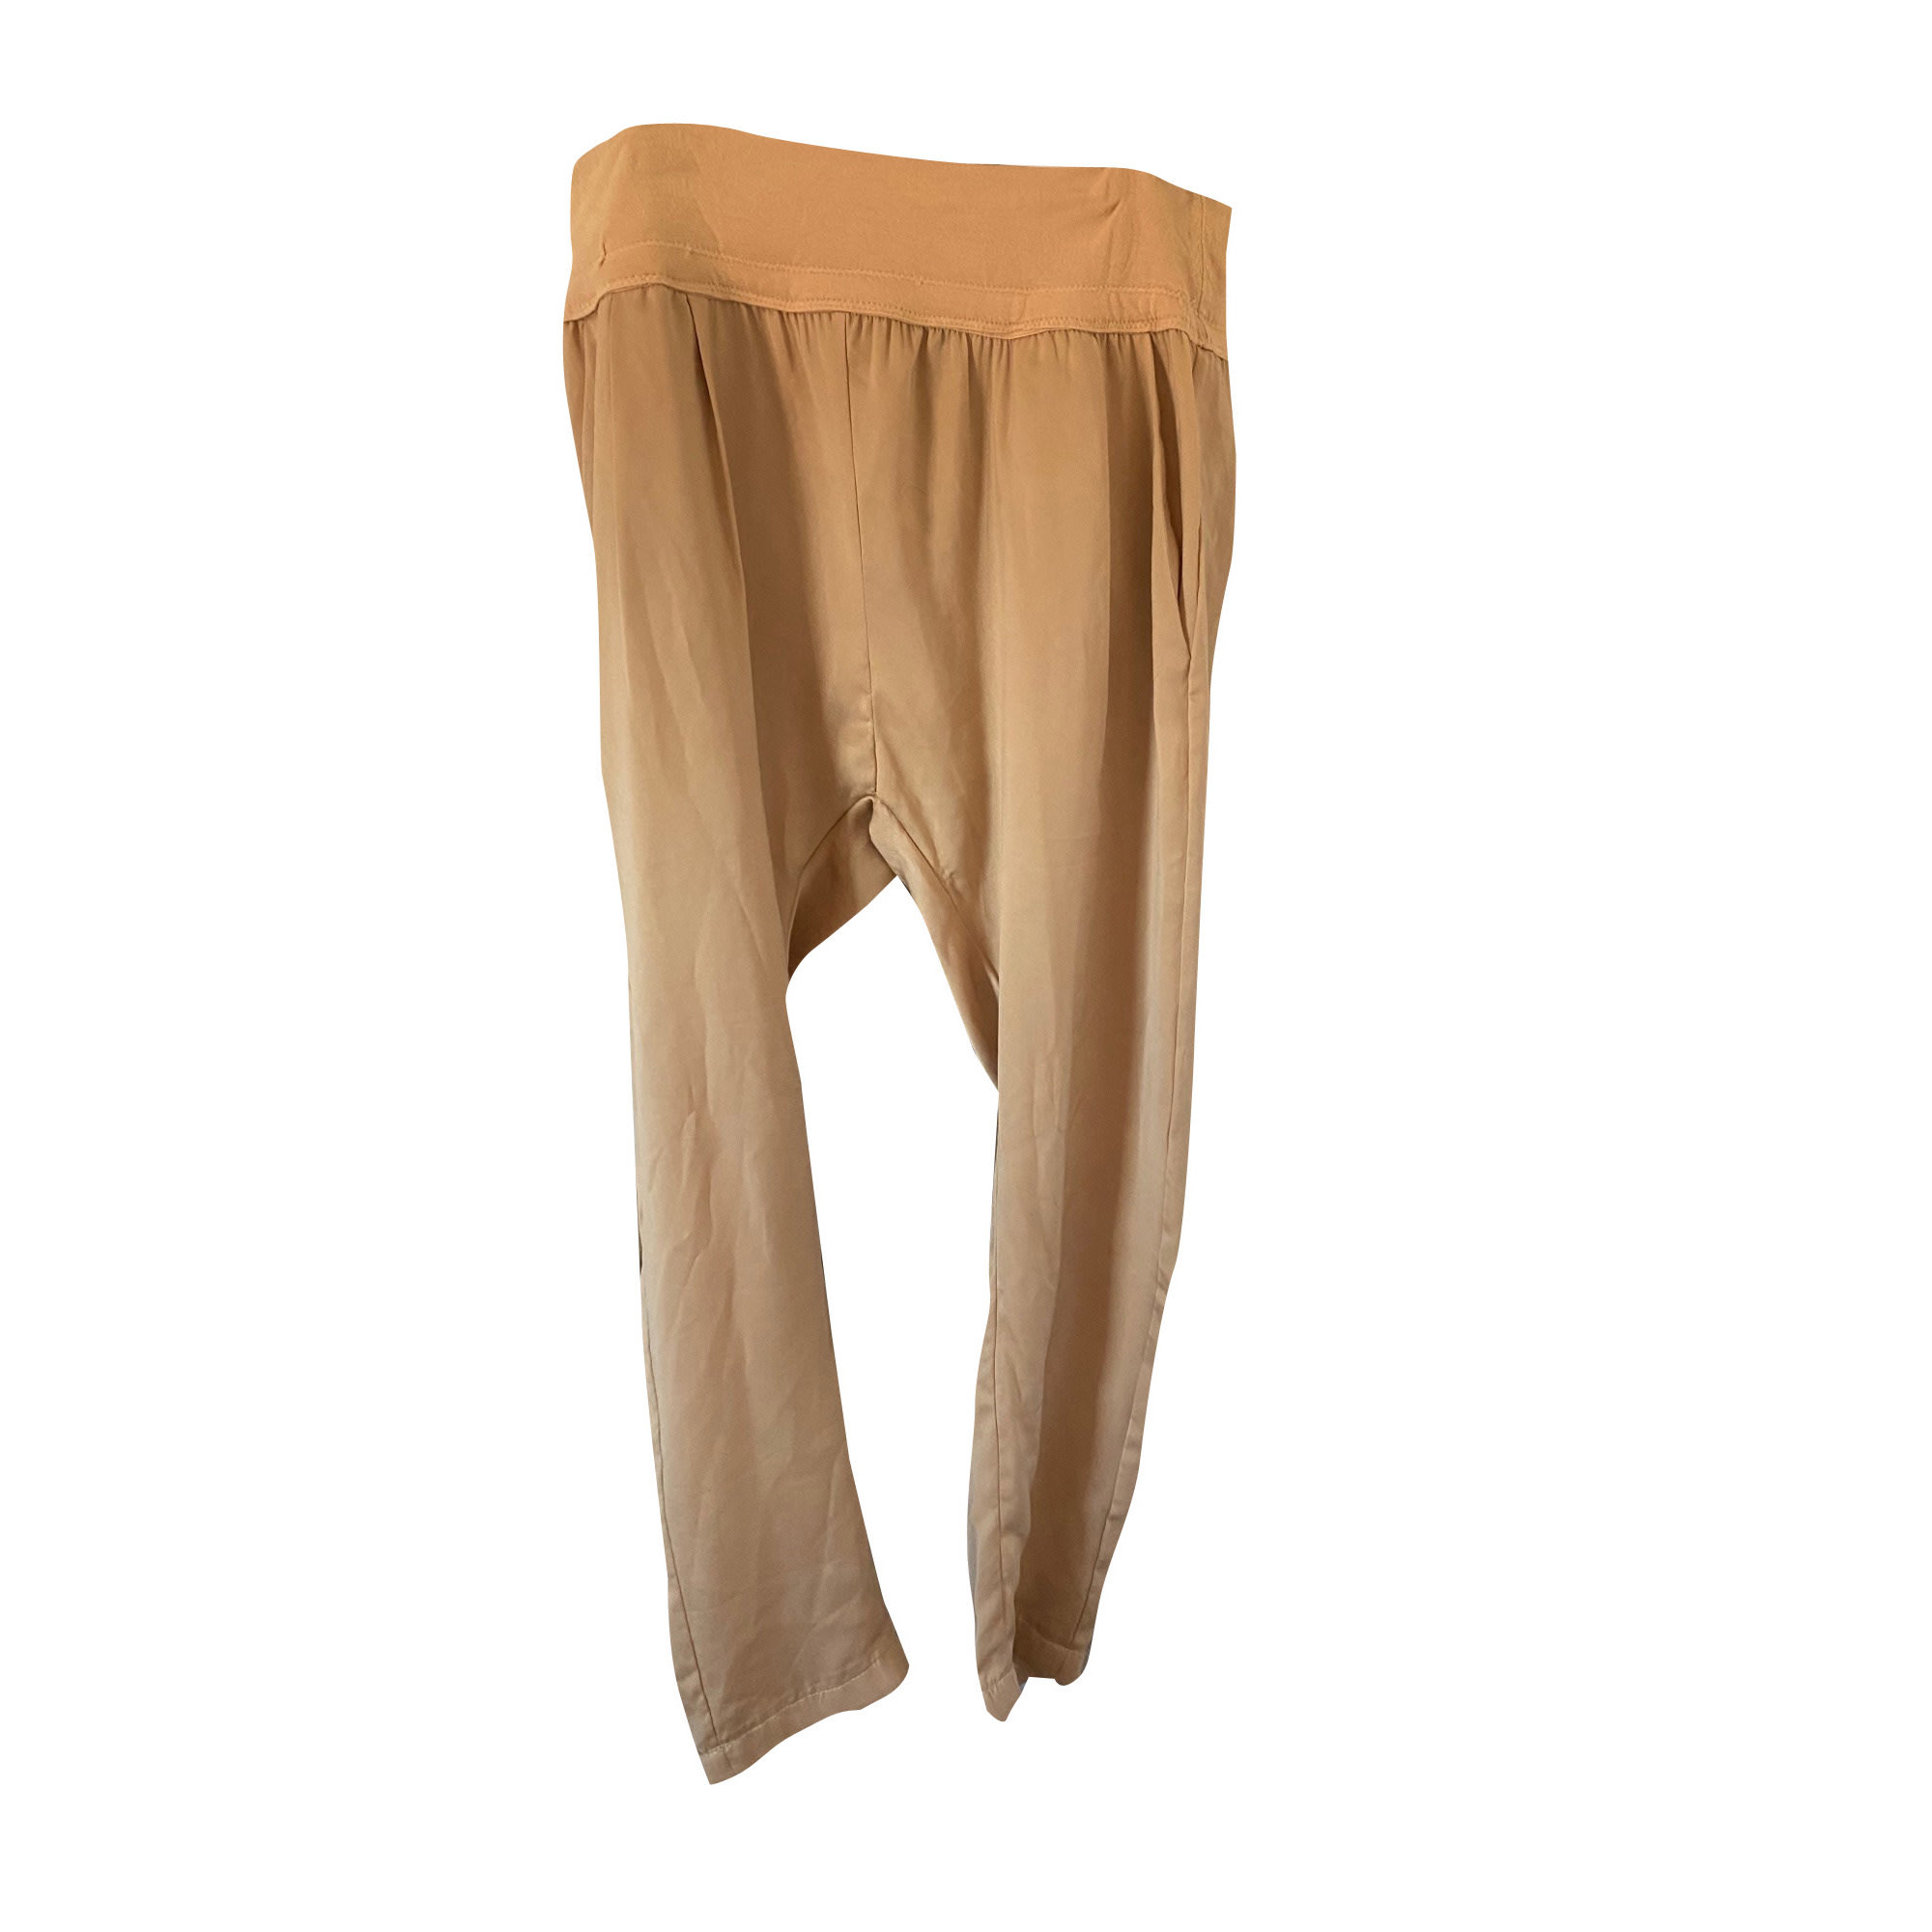 Pantalon très evasé, patte d'éléphant PATRIZIA PEPE Beige, camel